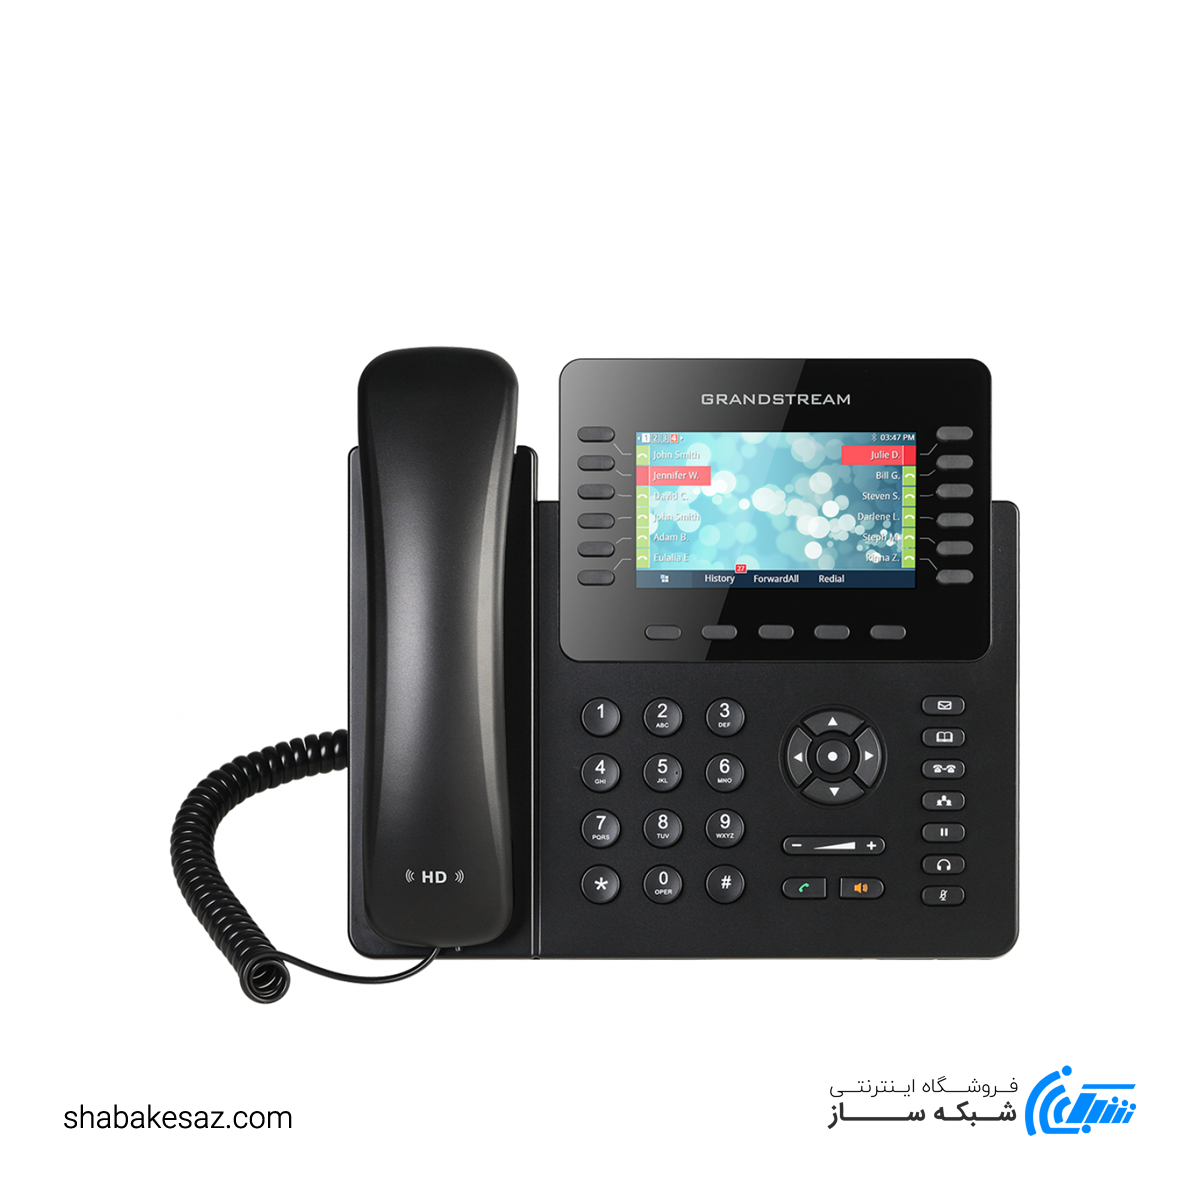 تصویر گوشی تلفن GXP2170 گرند استریم Grandstream GXP2170